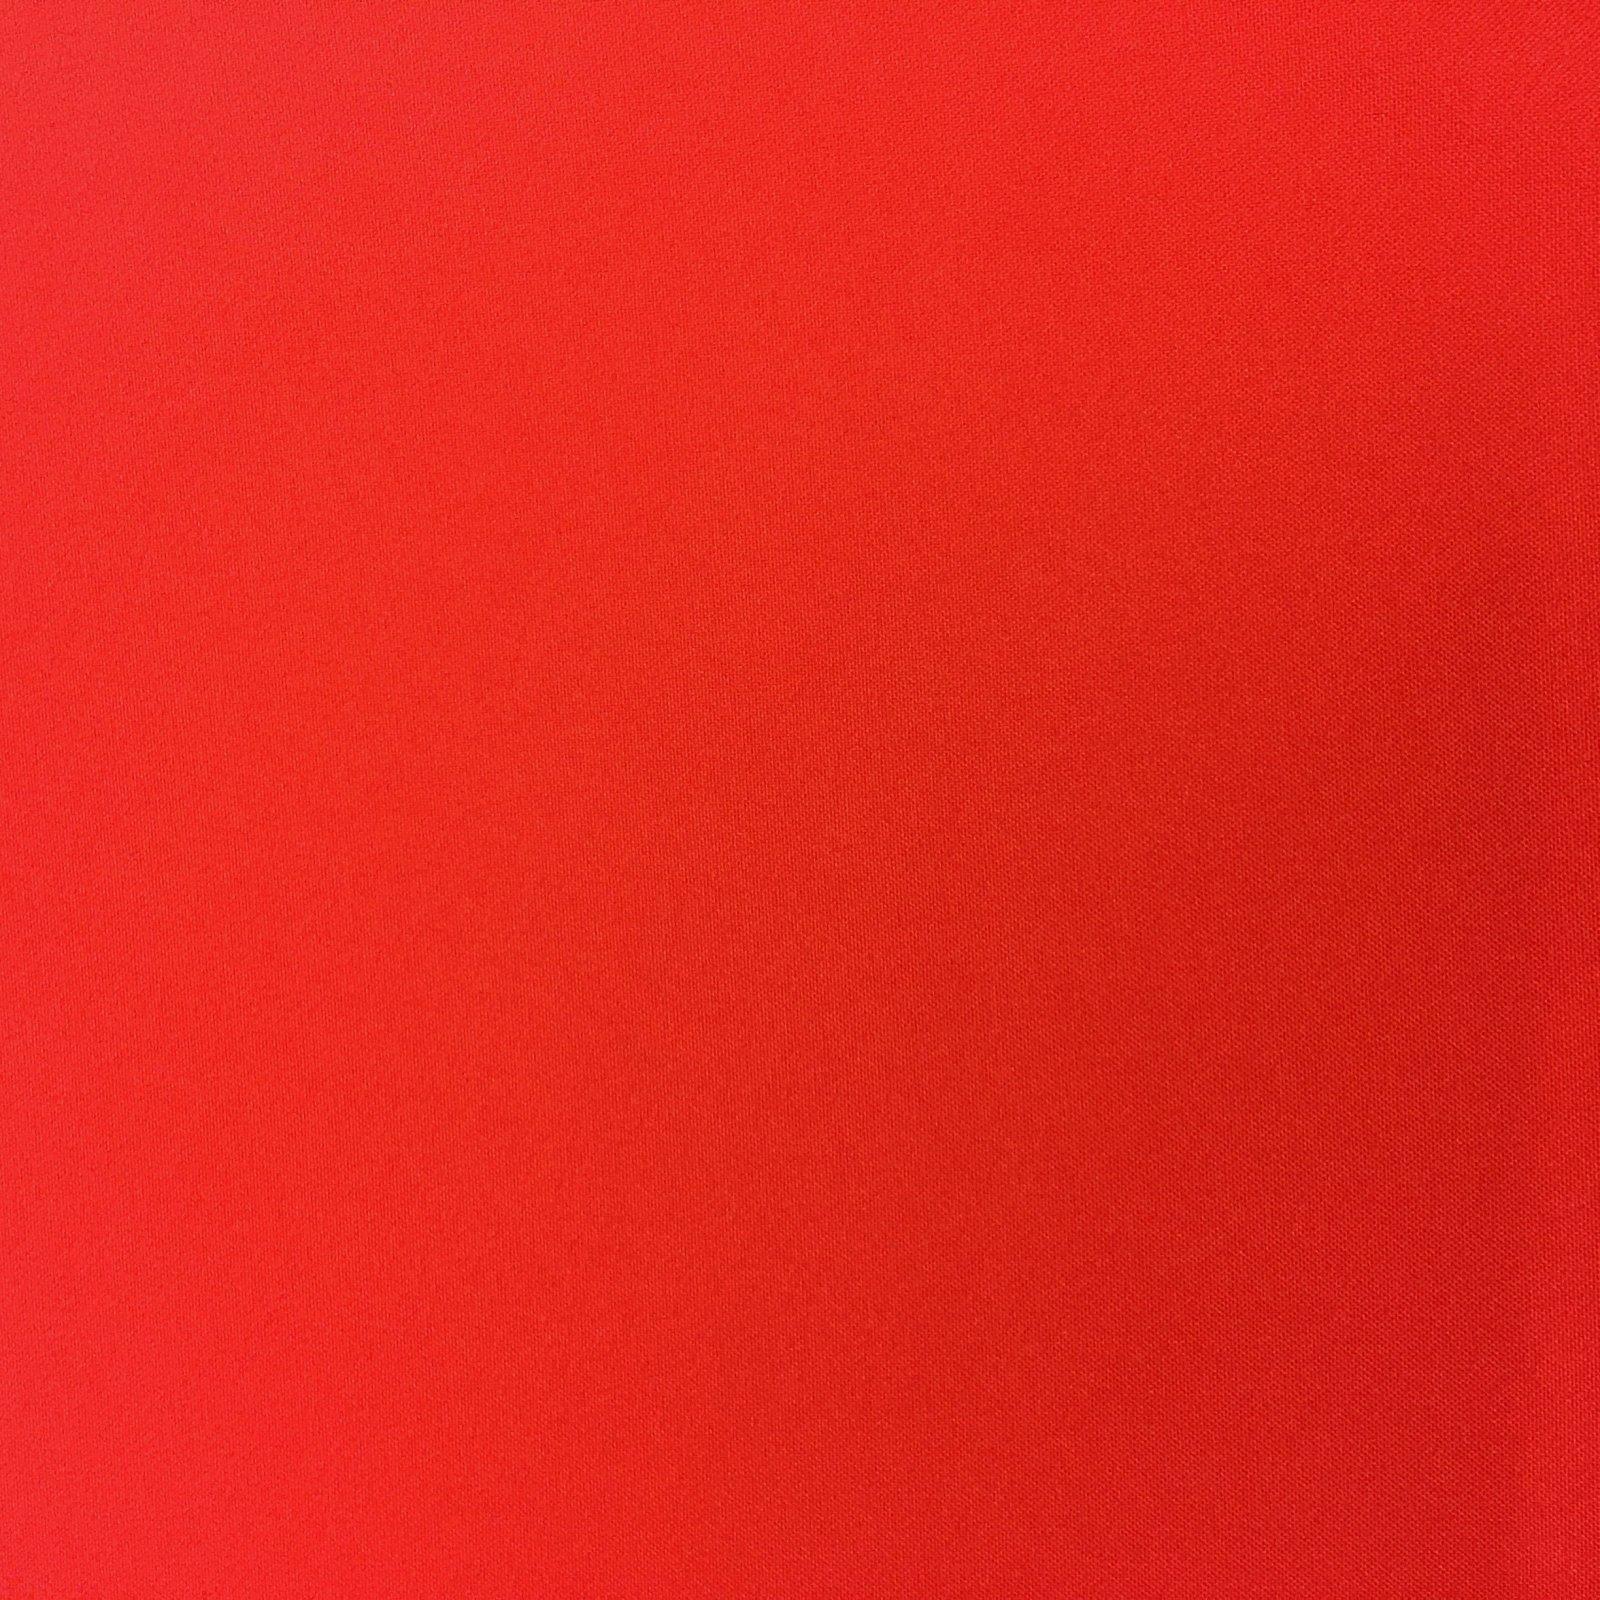 Shawl Cut Twill 2 yds Red